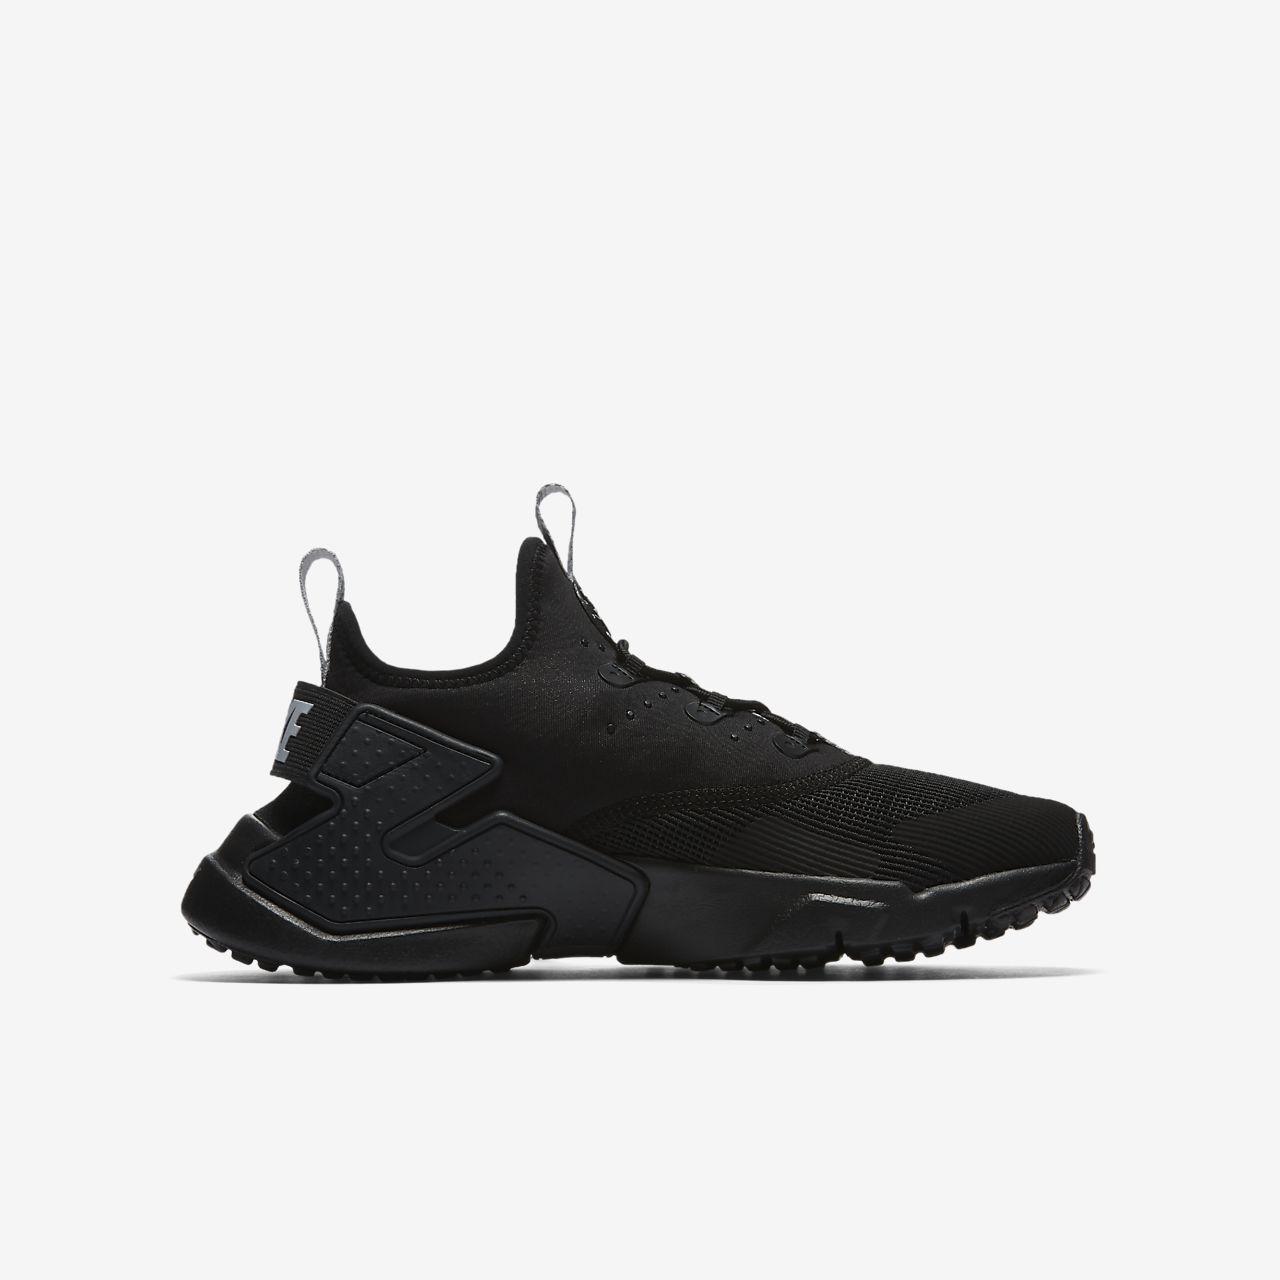 6999b7e09fa7b Chaussures Enfant Nike Drift Gs Huarache qR5A3jL4